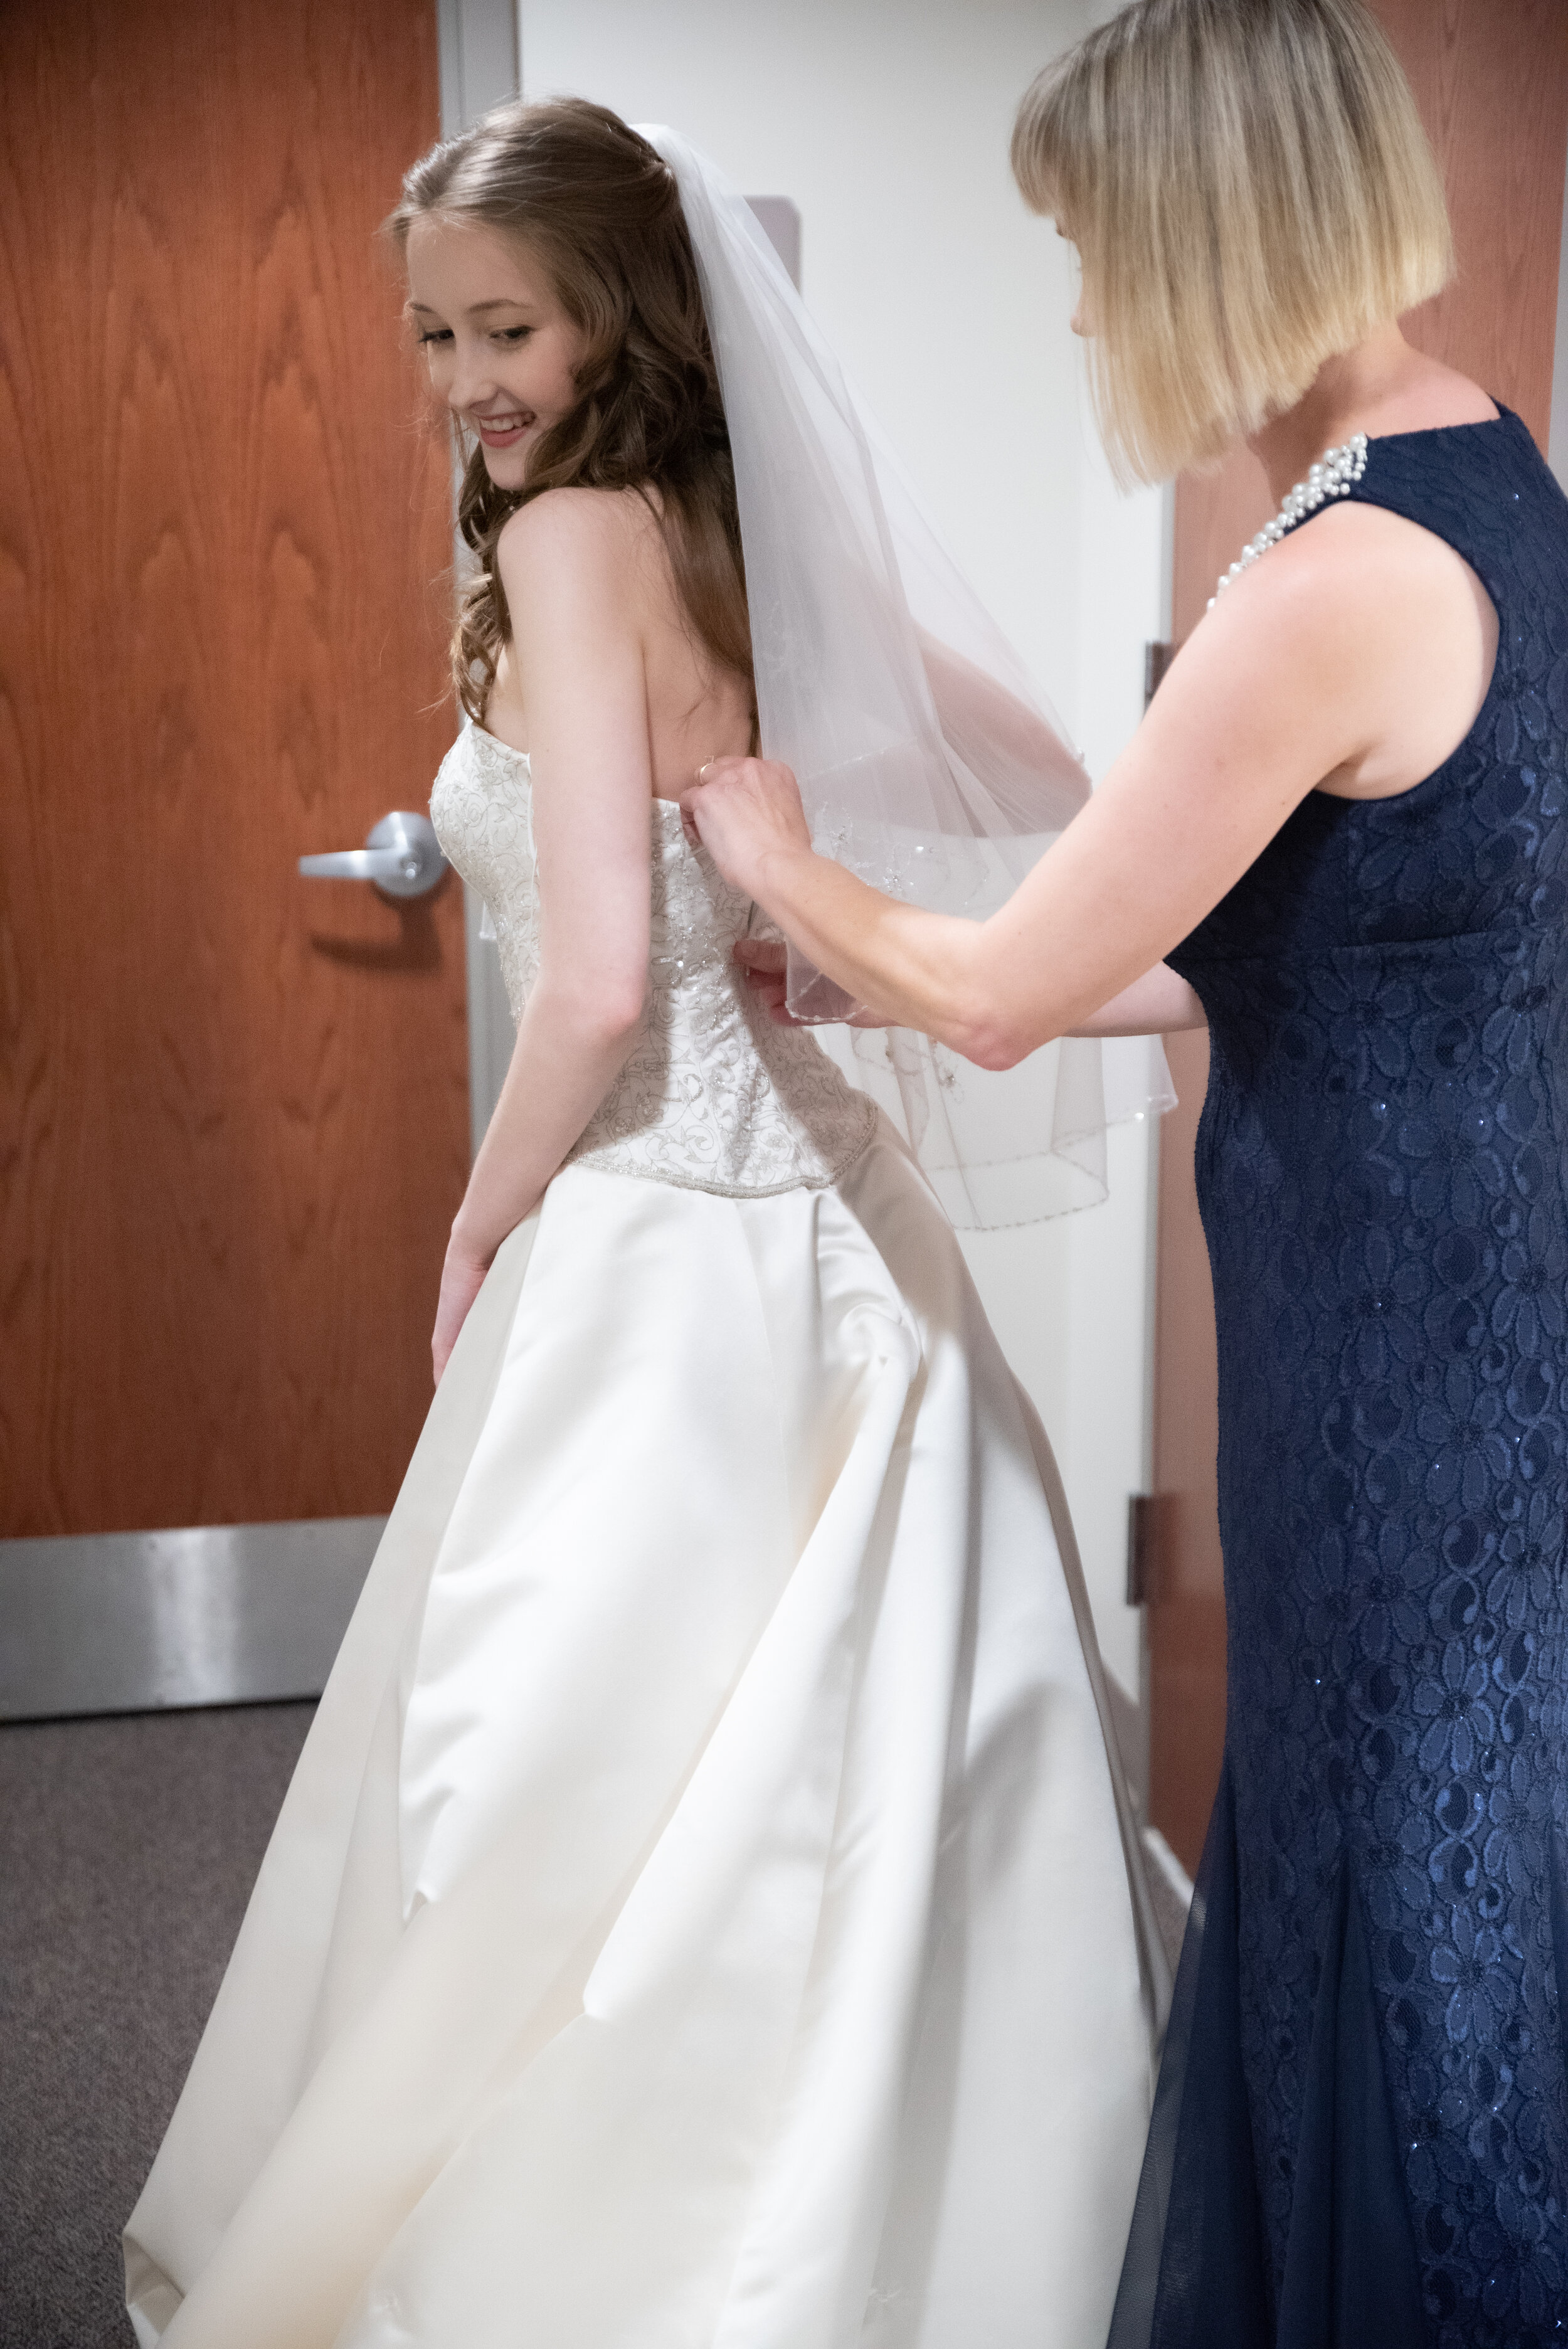 Kaitlyn-Davood-Wedding_7June2019-20.jpg